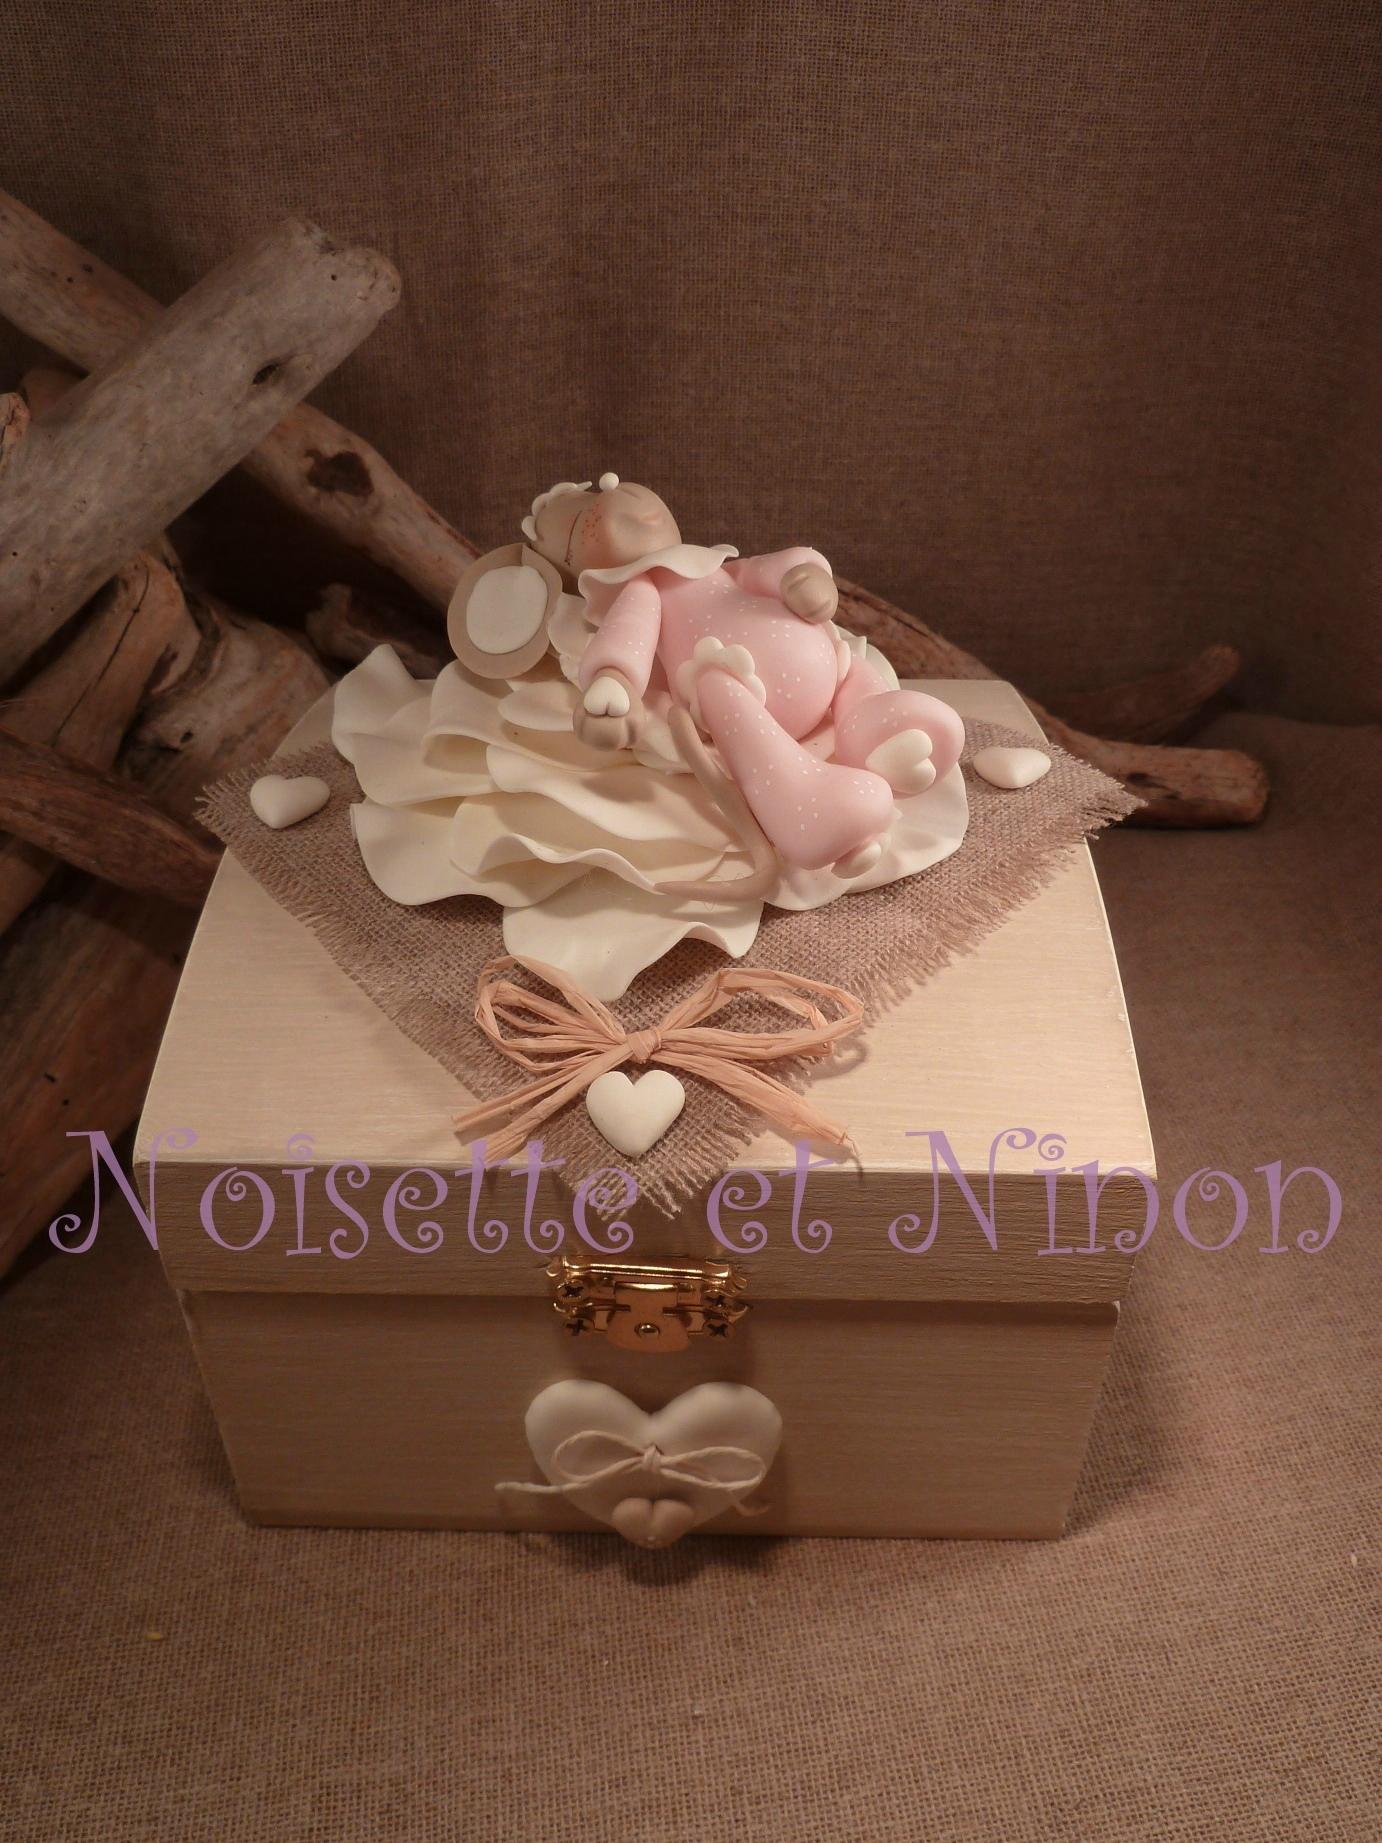 0721d2ecec91cb Deux boites à secrets dans le même esprit, dans des couleurs très douces!